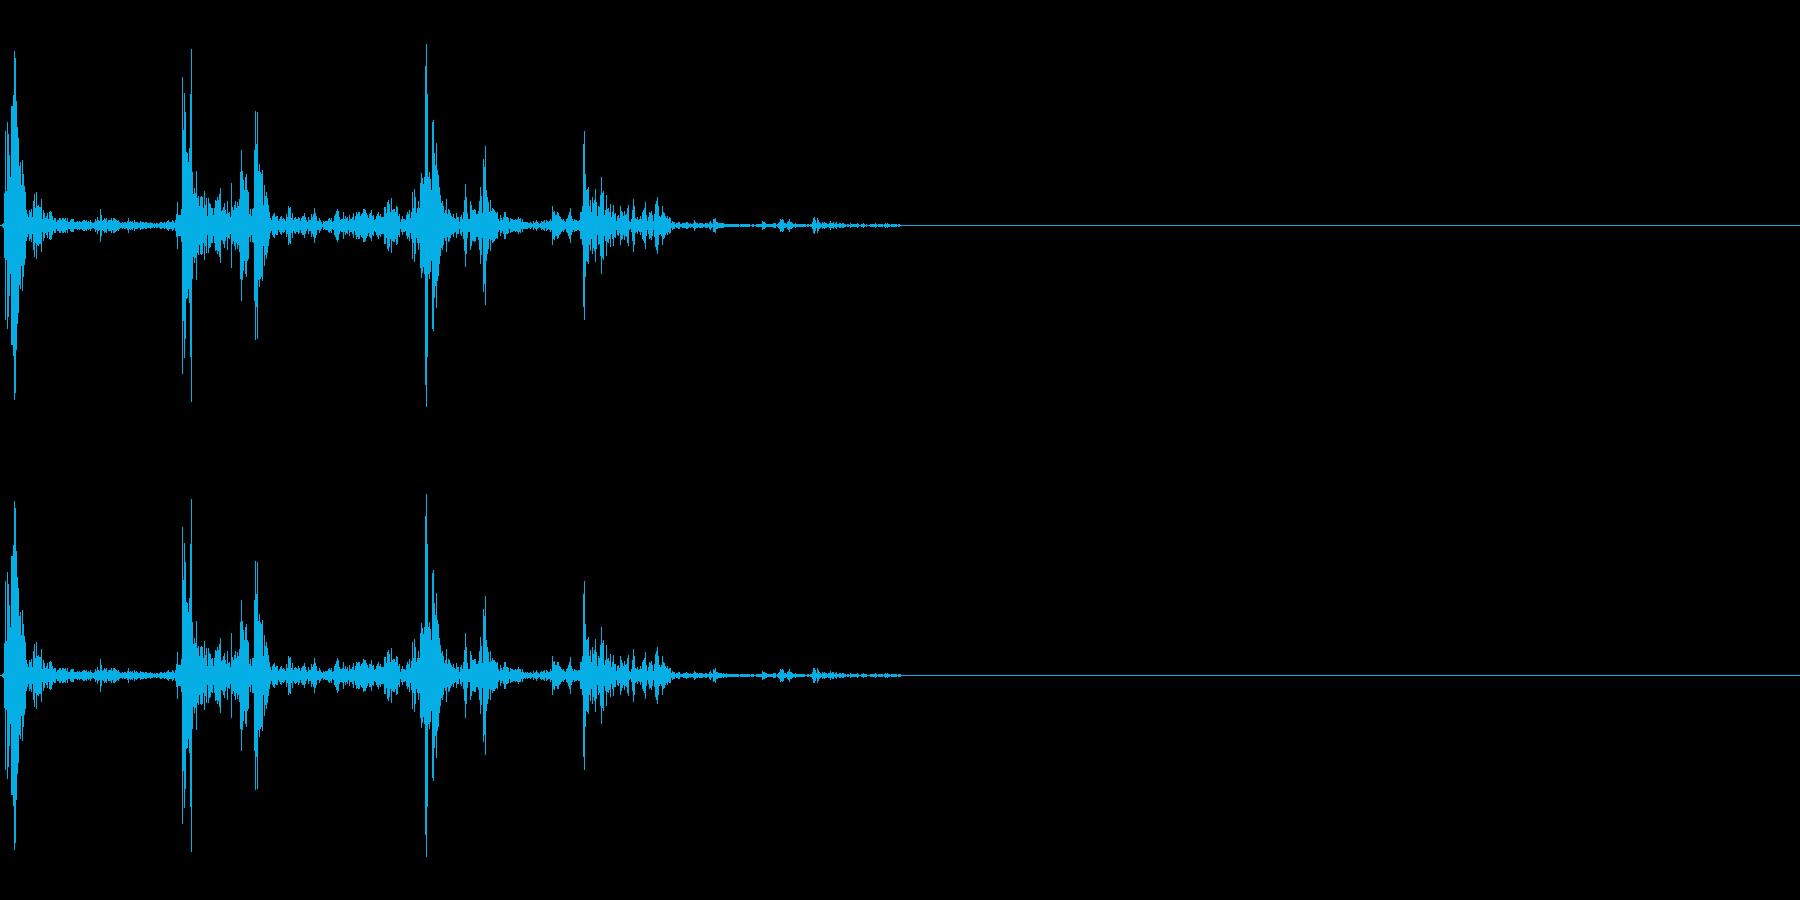 水/UI・システム音/選択/パチャッの再生済みの波形